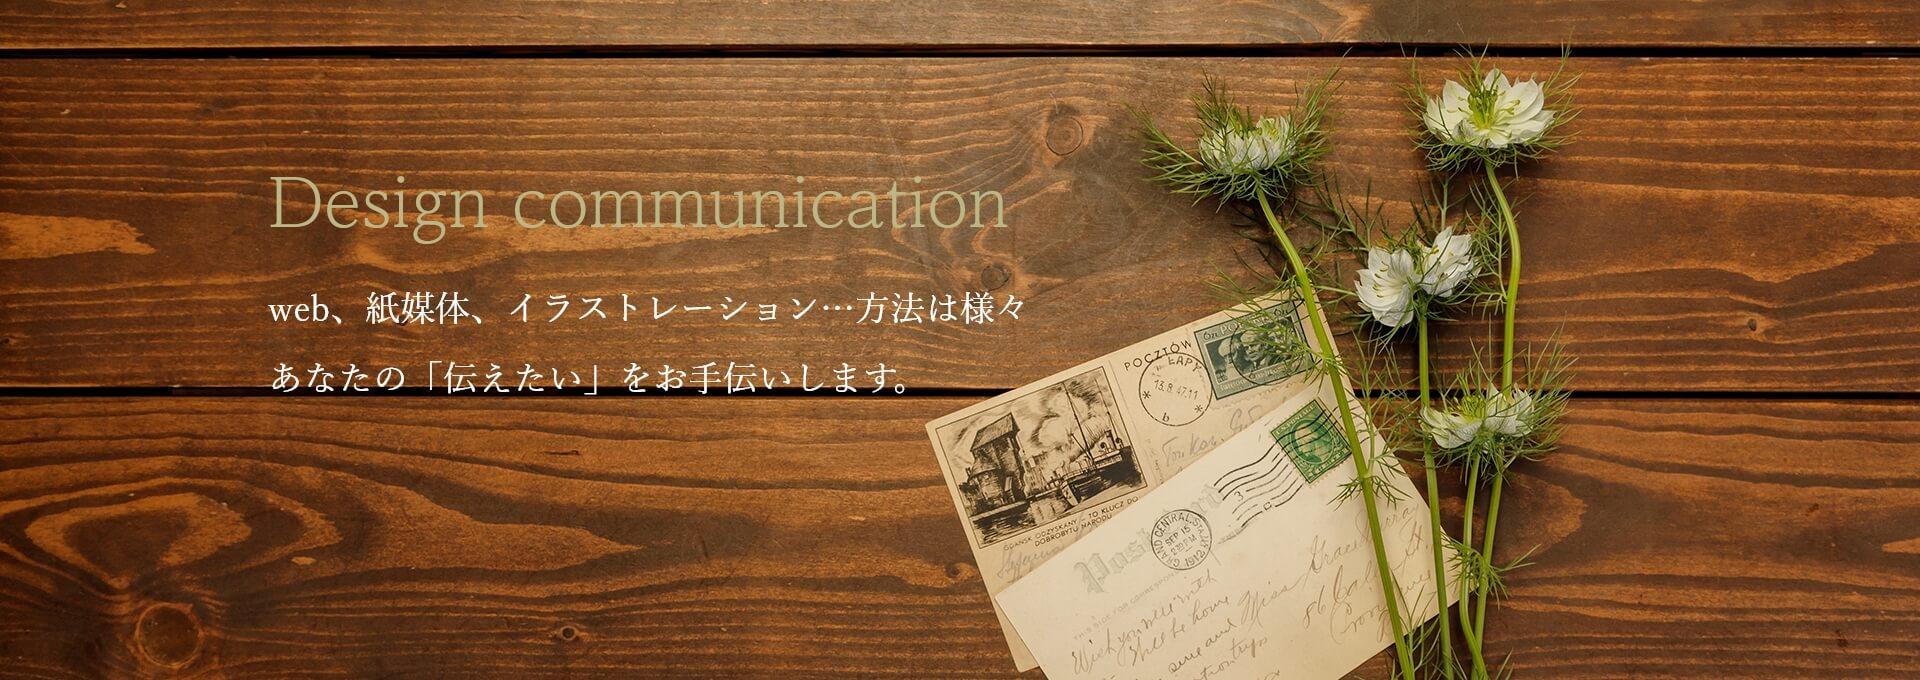 web、紙媒体、イラストレーション…方法は様々あなたの「伝えたい」をお手伝いします。